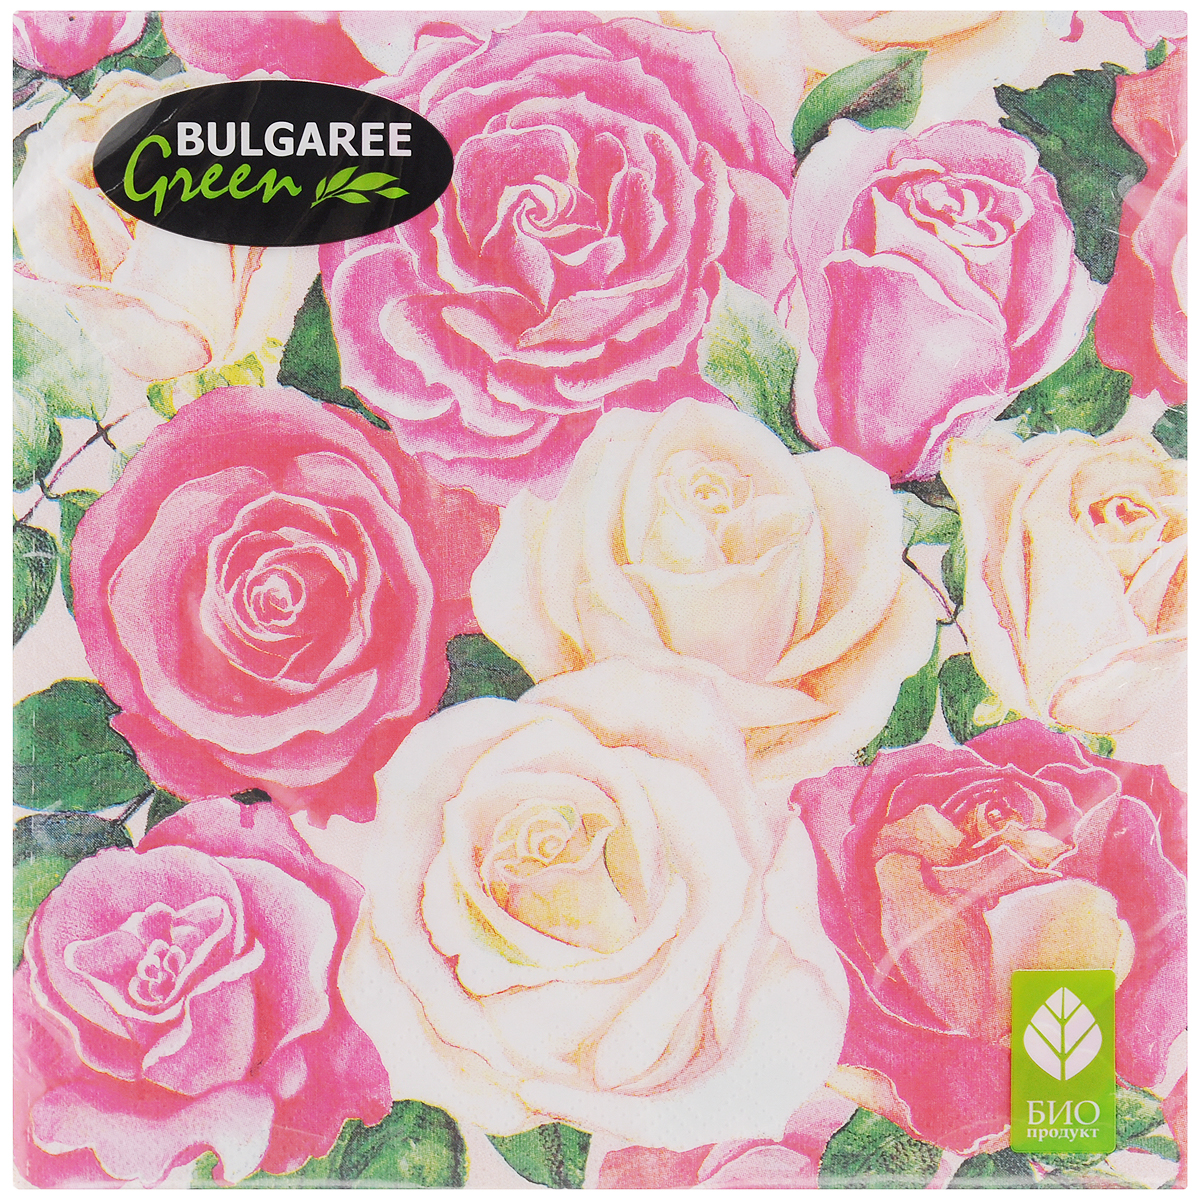 Салфетки бумажные Bulgaree Green Розовый букет, трехслойные, 33 х 33 см, 20 штMW-3101Трехслойные салфетки Bulgaree Green Розовый букет выполнены из 100%целлюлозы и оформлены красивым рисунком. Изделия станут отличным дополнением любого праздничного стола. Они отличаются необычной мягкостью, прочностью и оригинальностью.Размер салфеток в развернутом виде: 33 х 33 см.